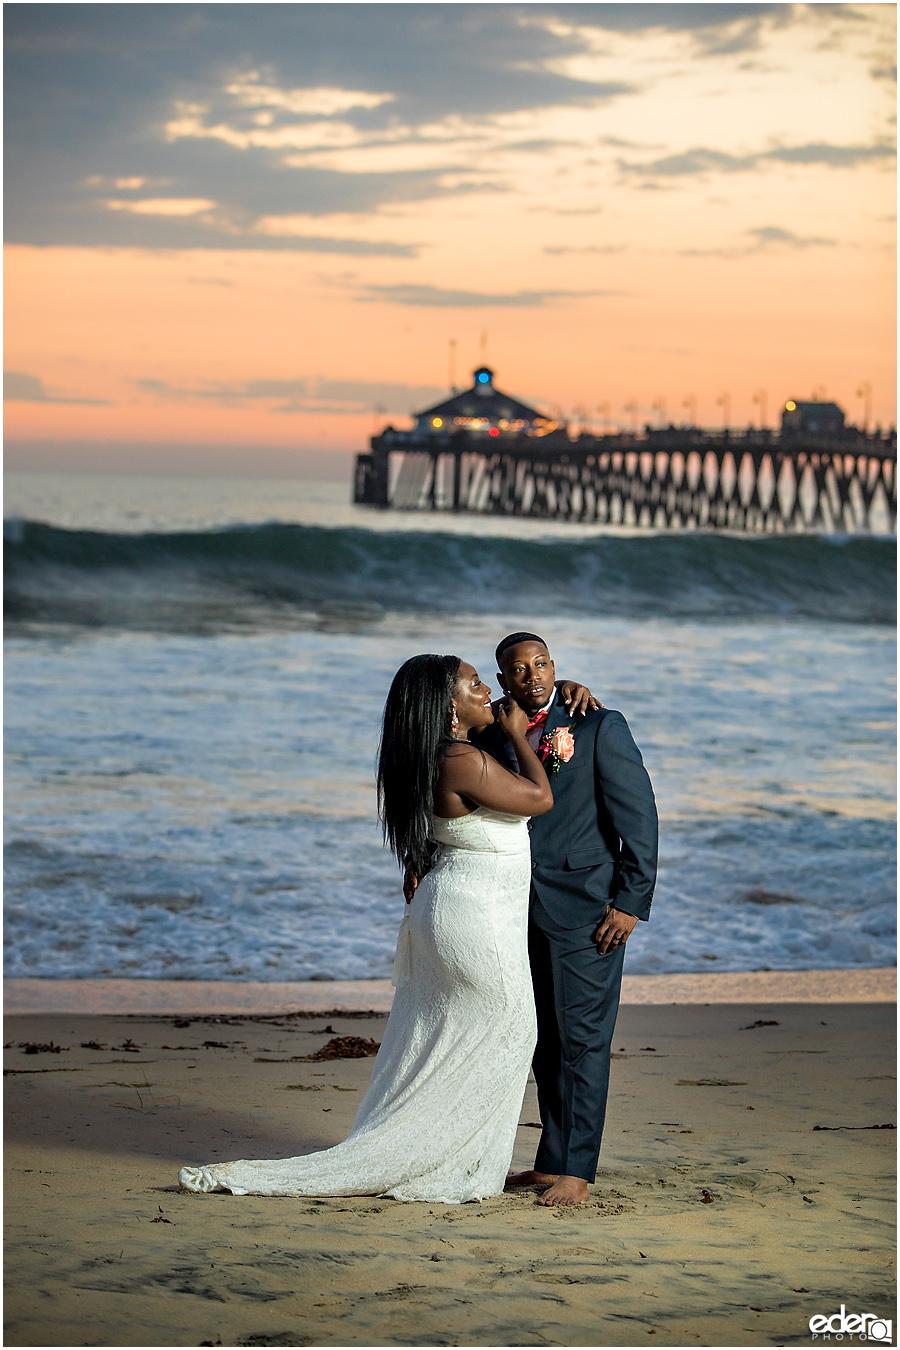 Imperial Beach wedding portraits